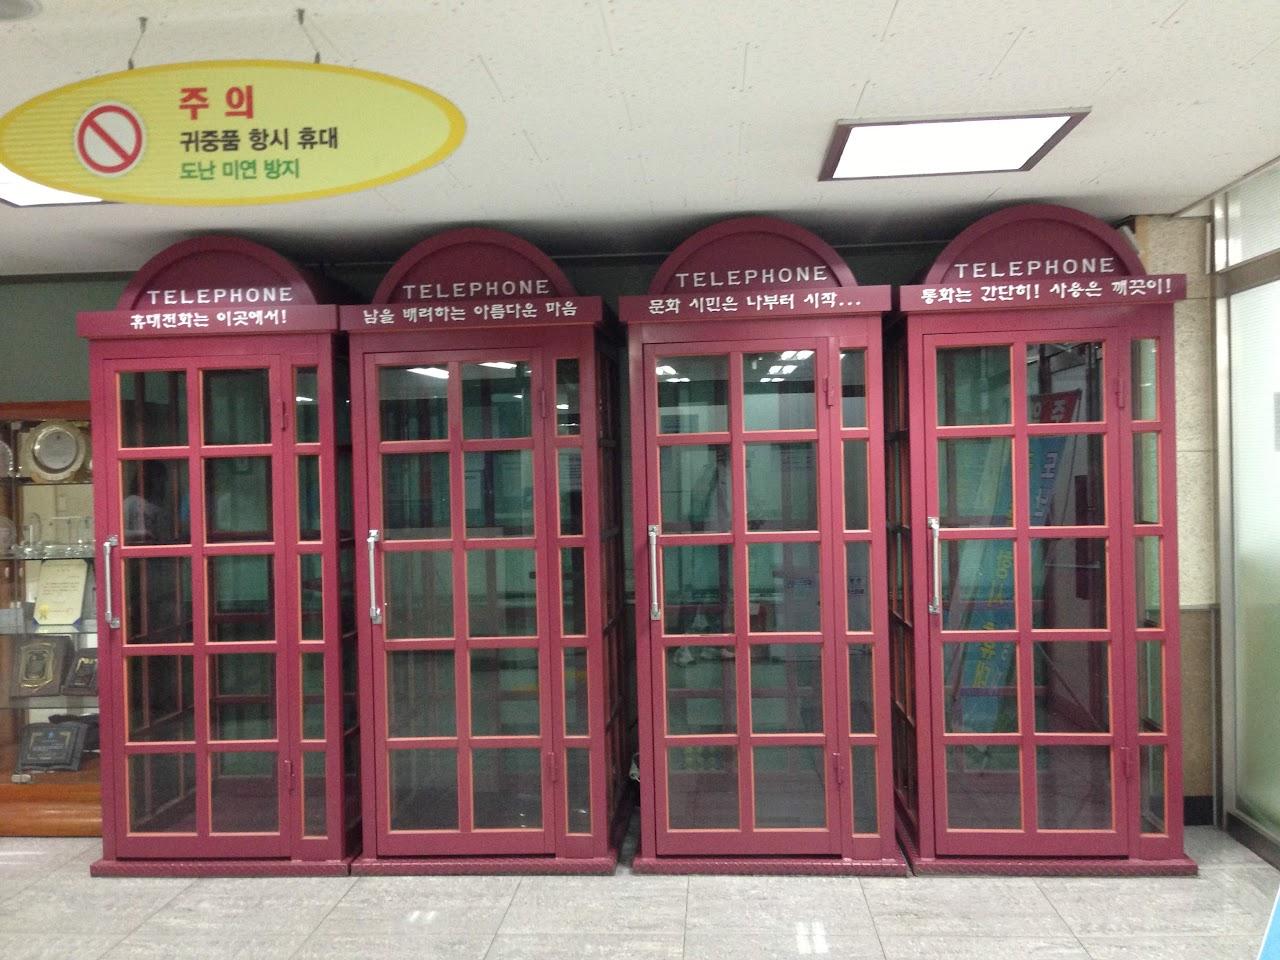 과천도서관의 공중전화박스의 용도